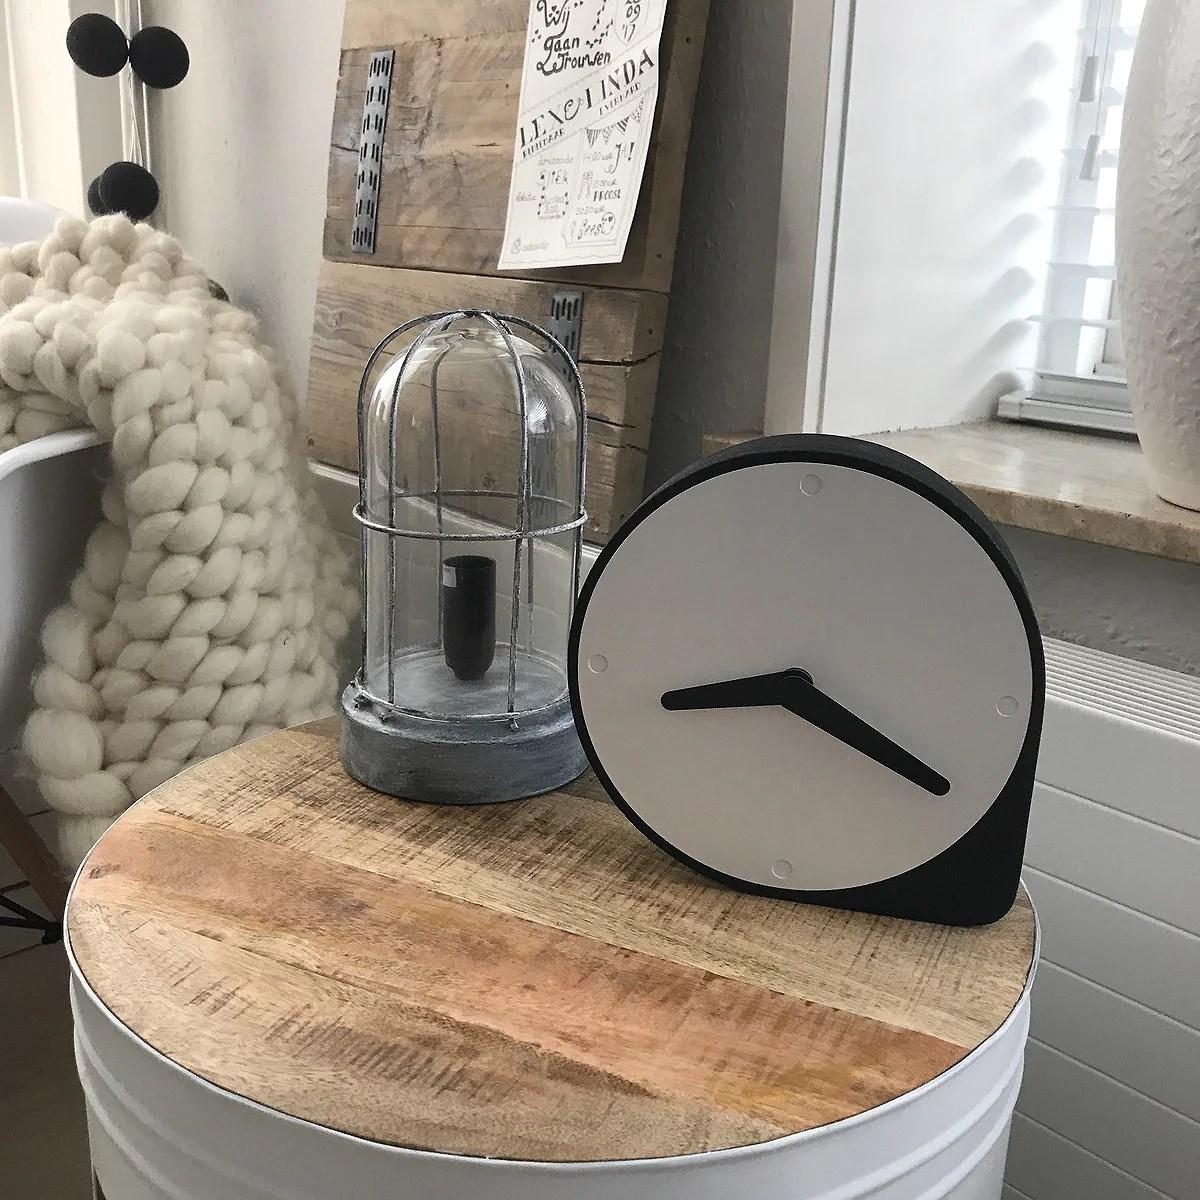 Stoer stolplampje